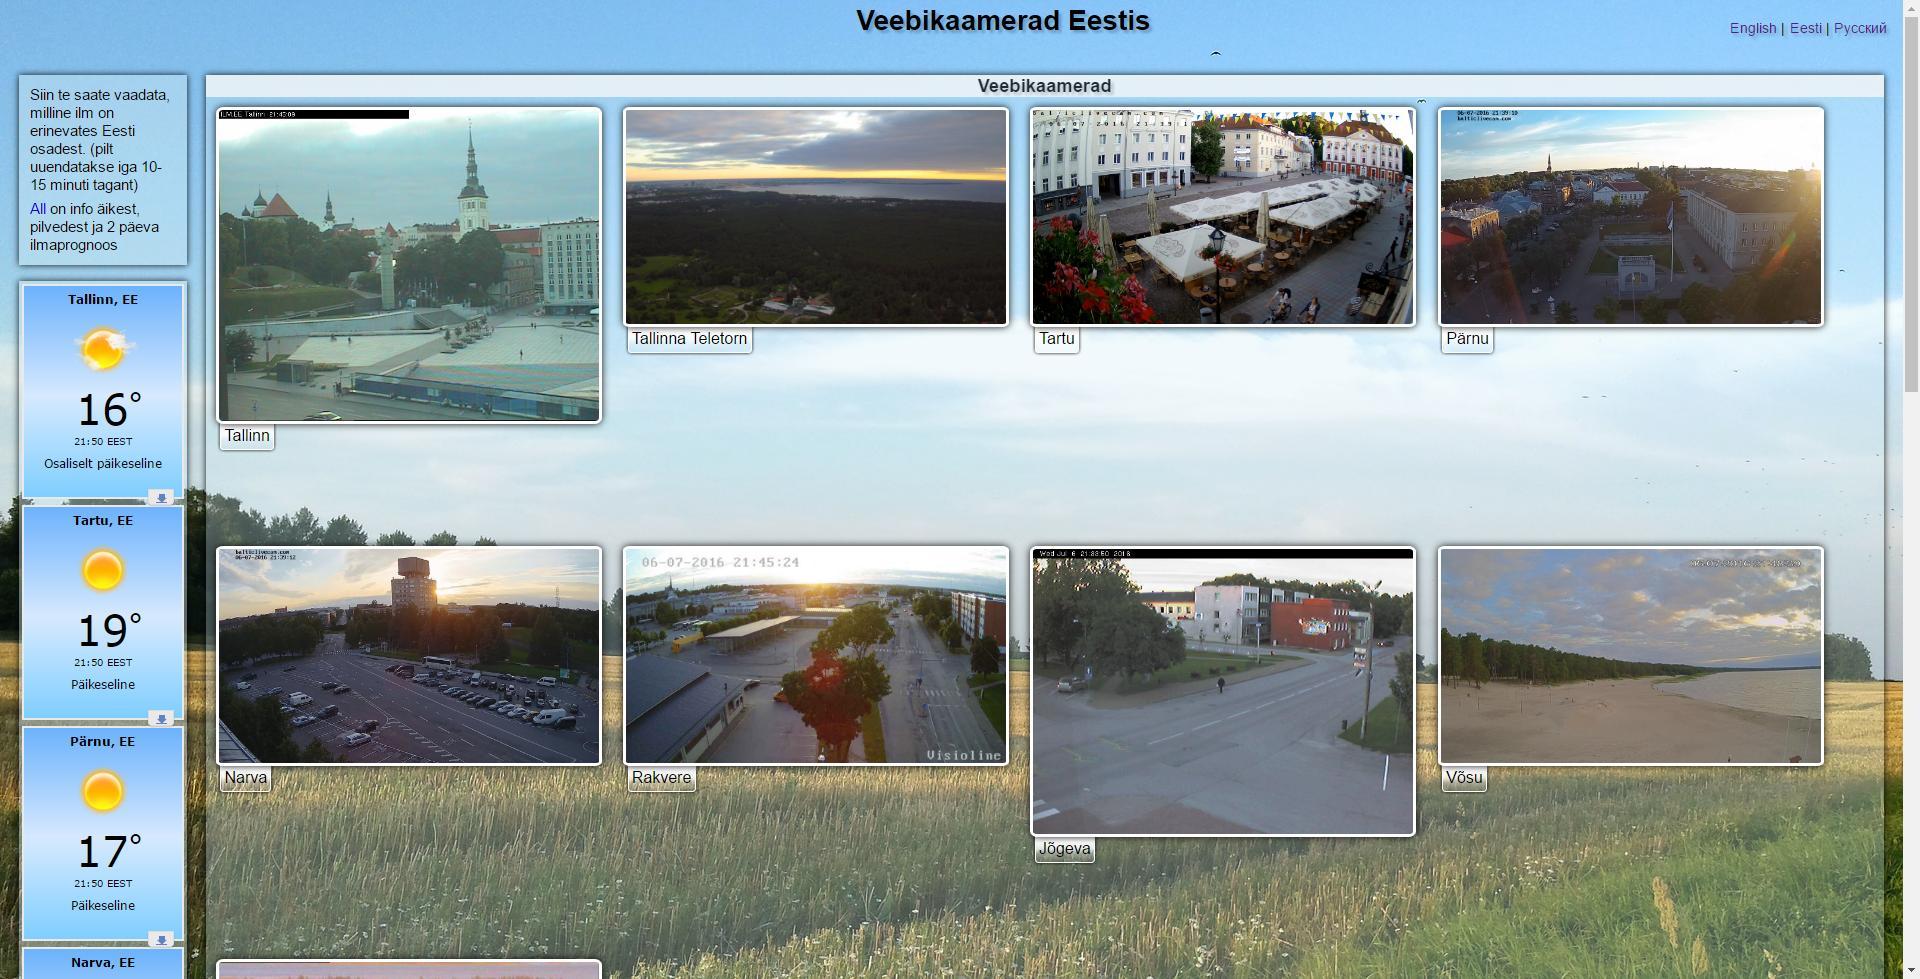 Eesti veebikaamerad